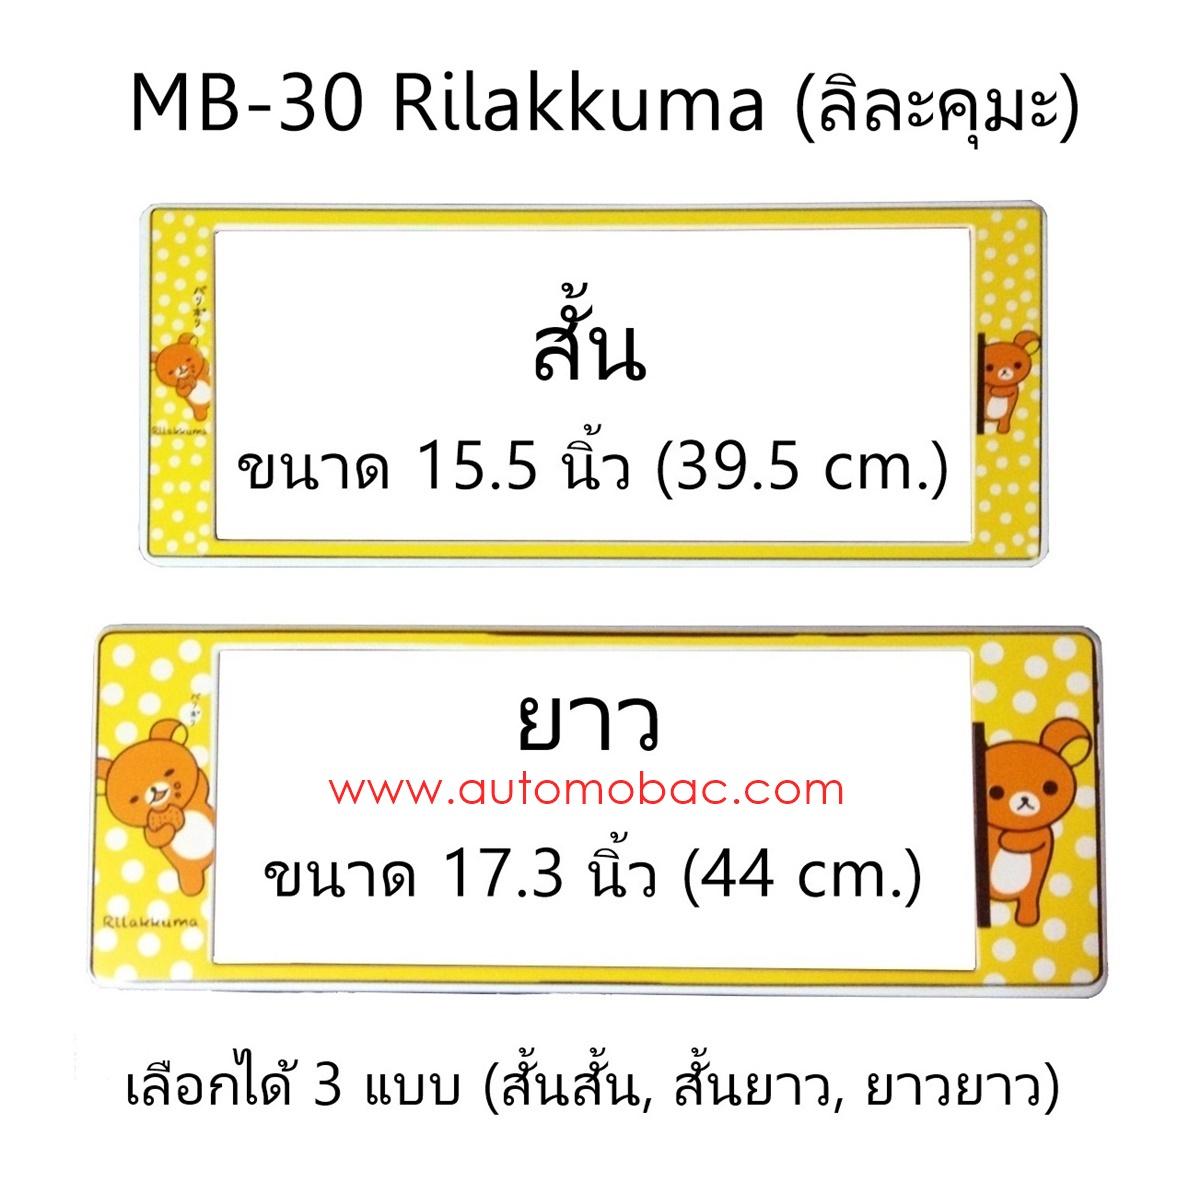 กรอบป้ายทะเบียนรถยนต์ กันน้ำ MB-30 Rilakkuma ลิละคุมะ มี 3 แบบ ให้เลือก สั้นสั้น สั้นยาว ยาวยาว